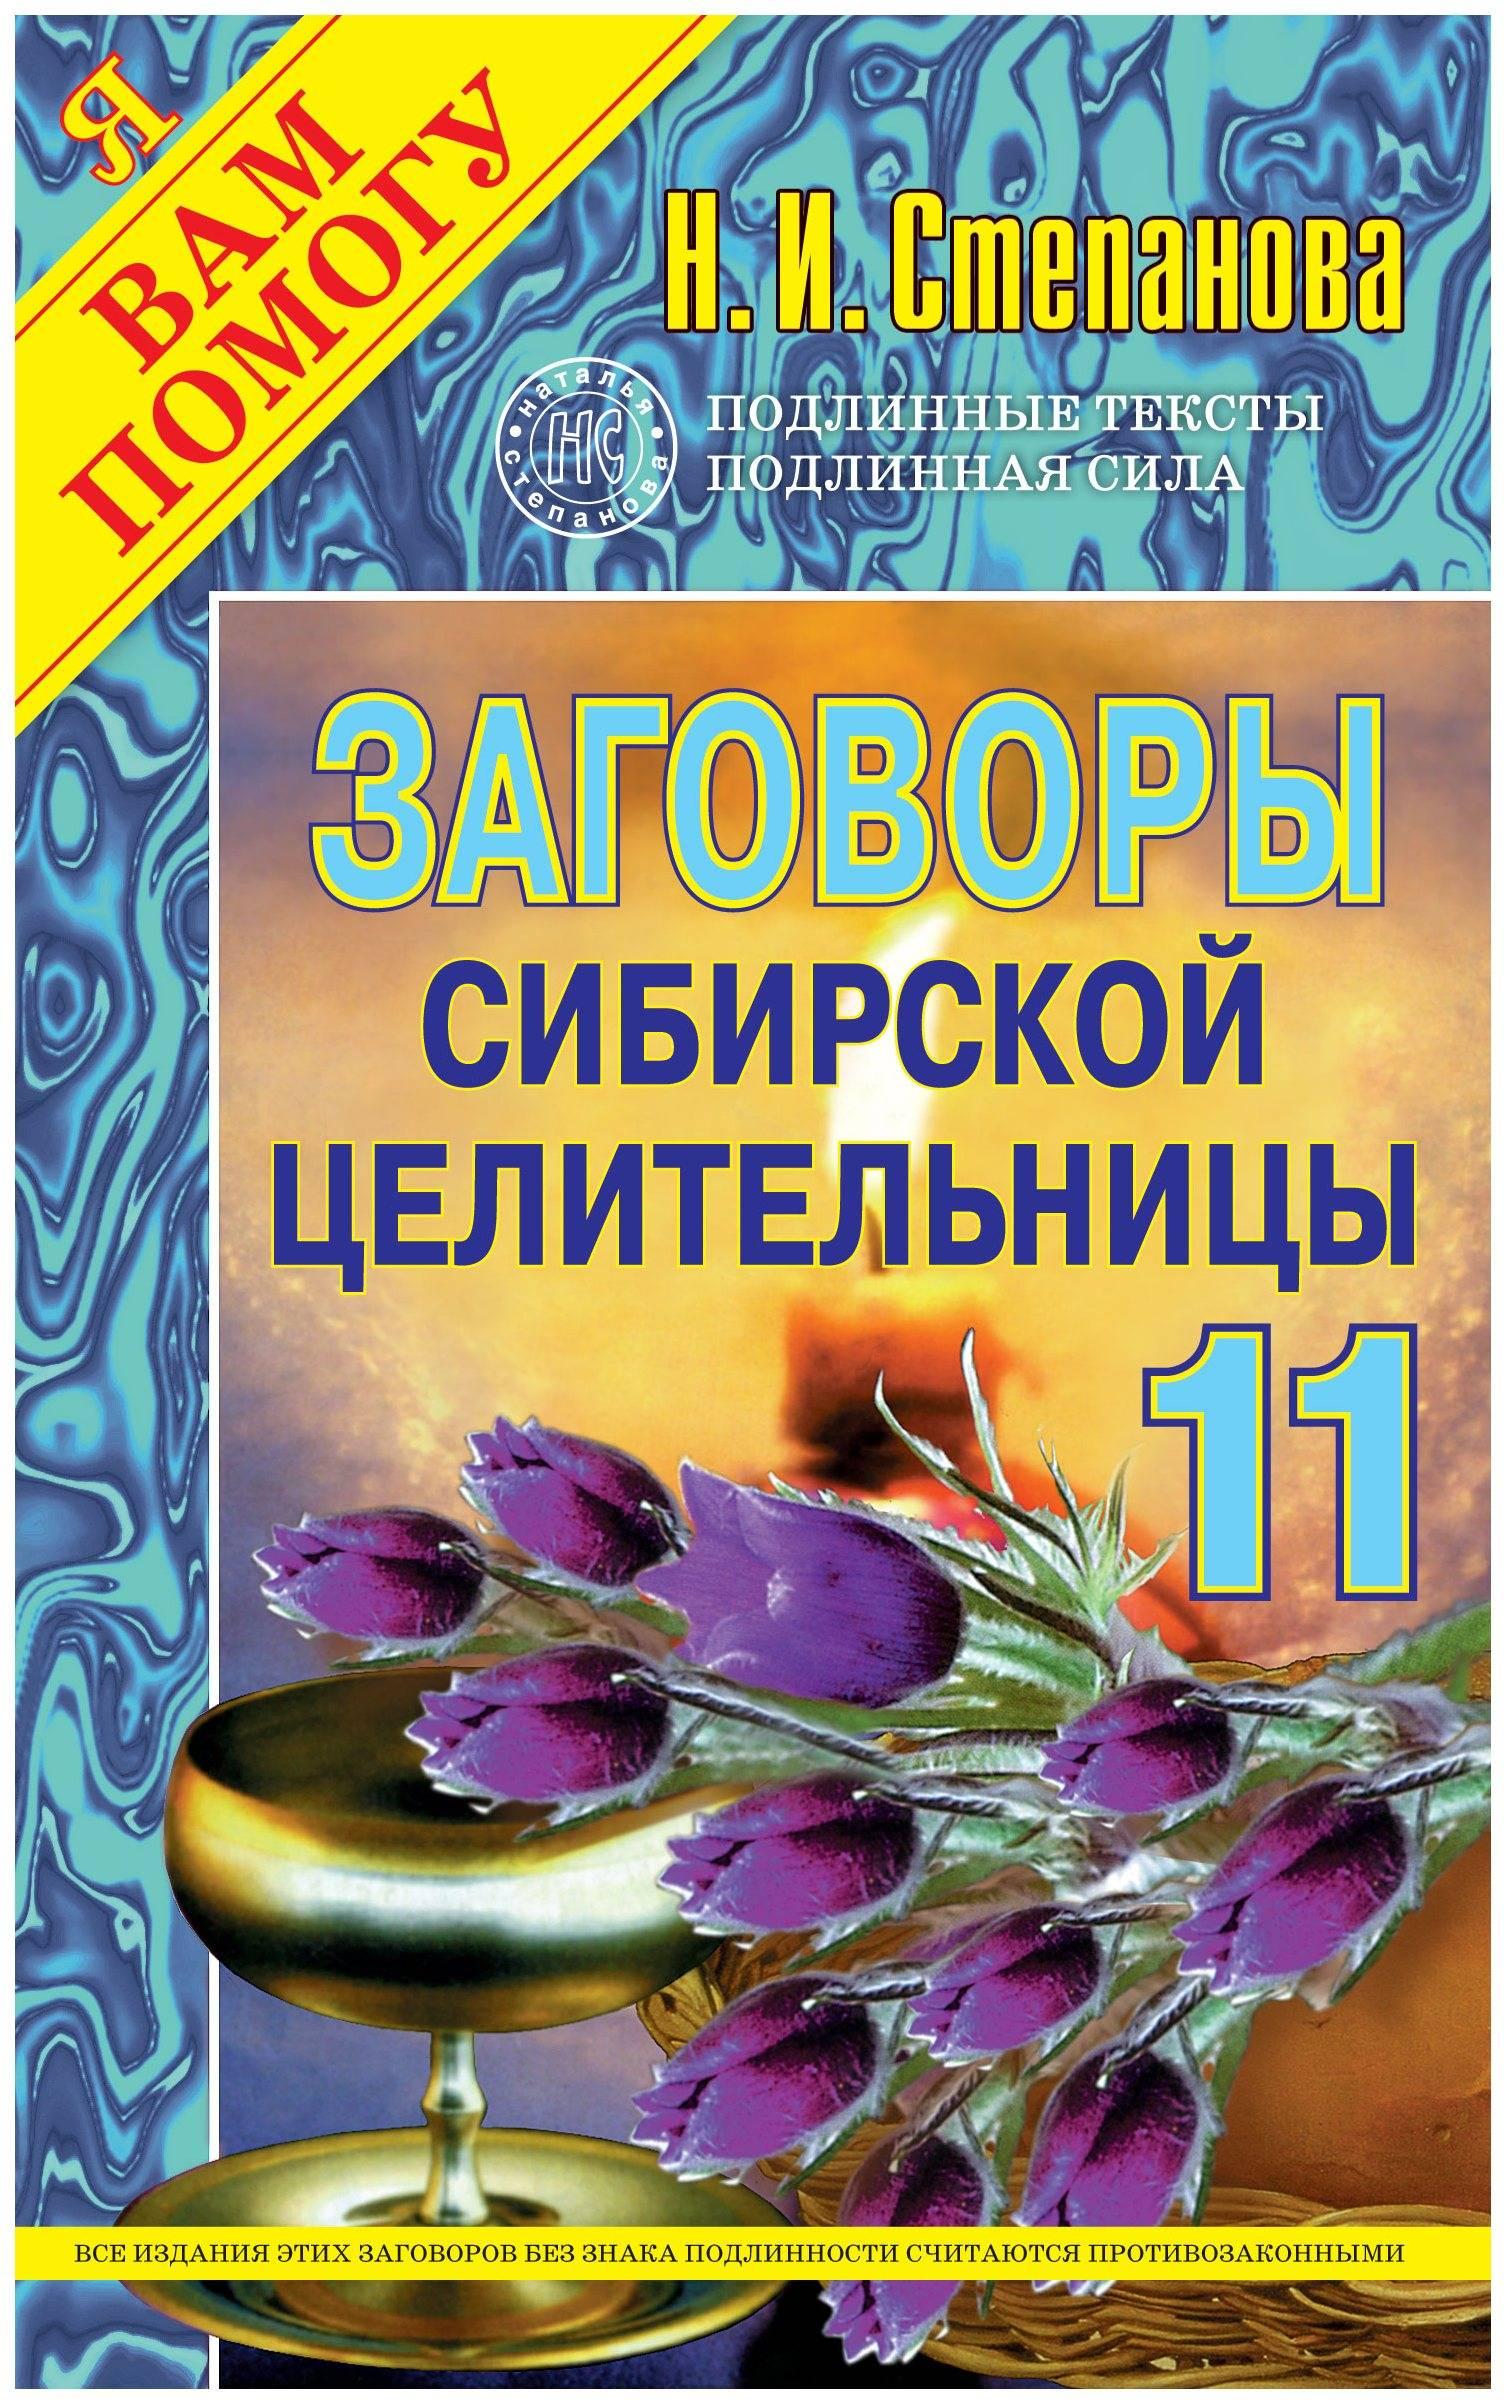 Читать книгу заговоры сибирской целительницы. выпуск 31 натальи степановой : онлайн чтение - страница 1